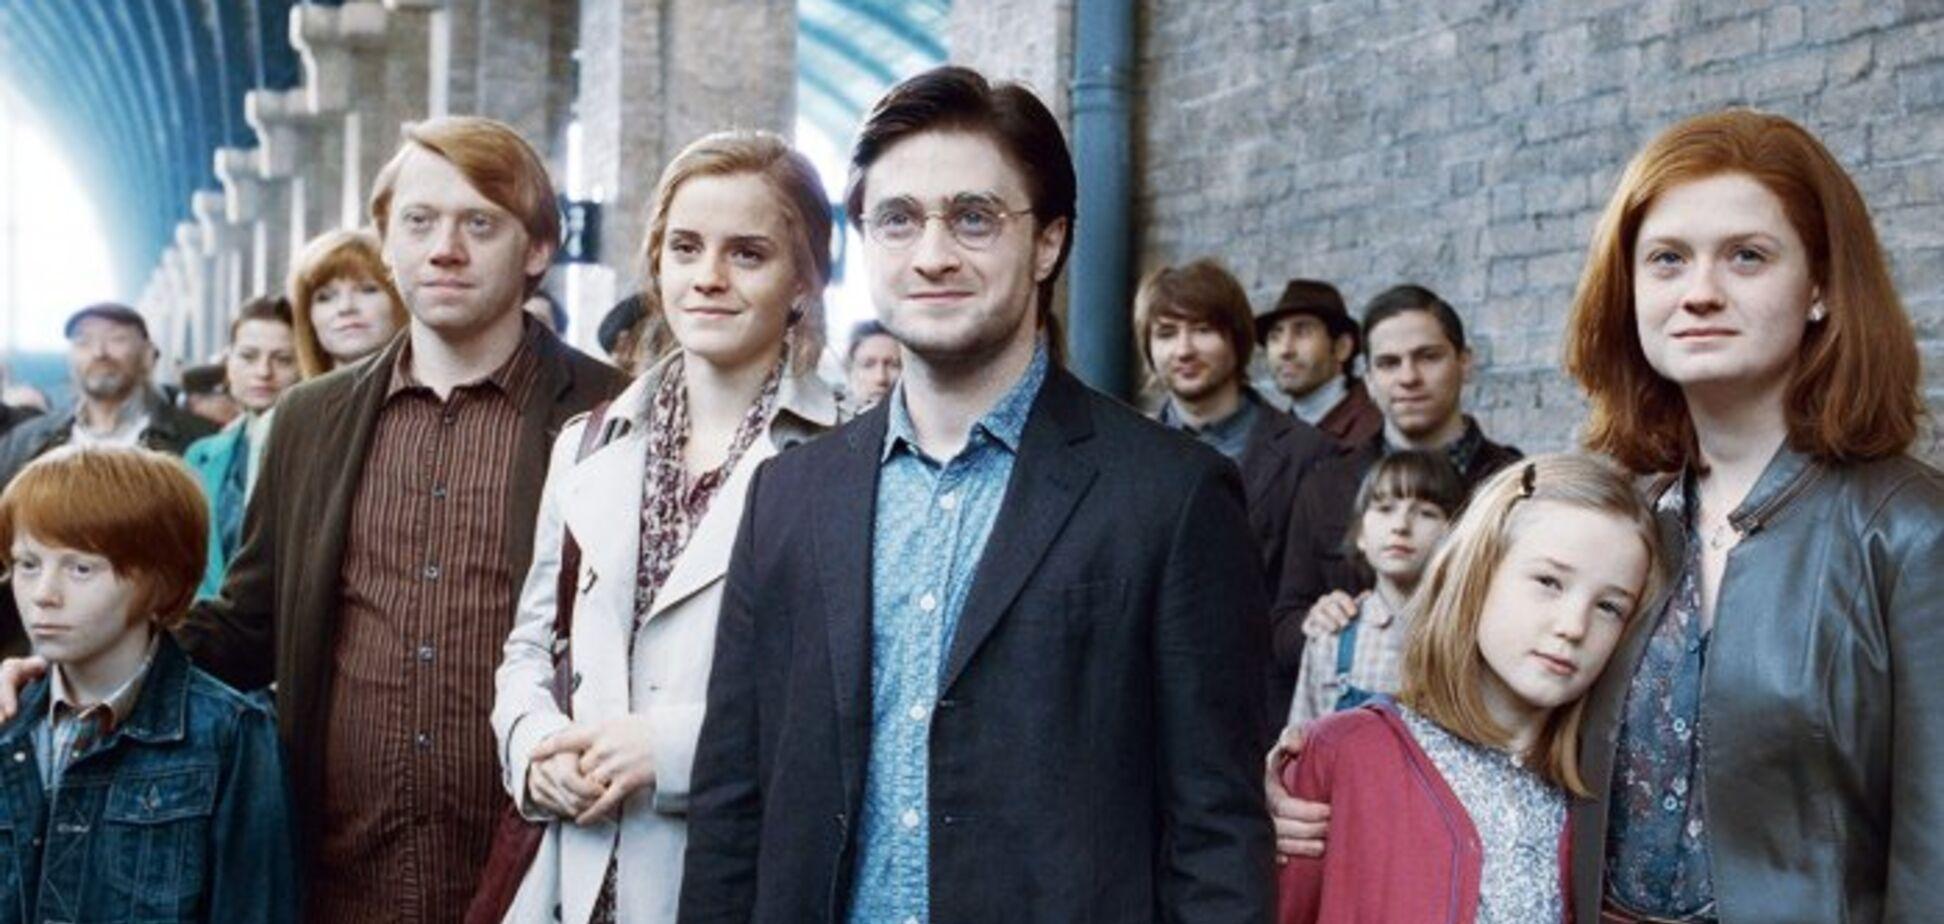 Кадр из фильма 'Гарри Поттер и Дары смерти'